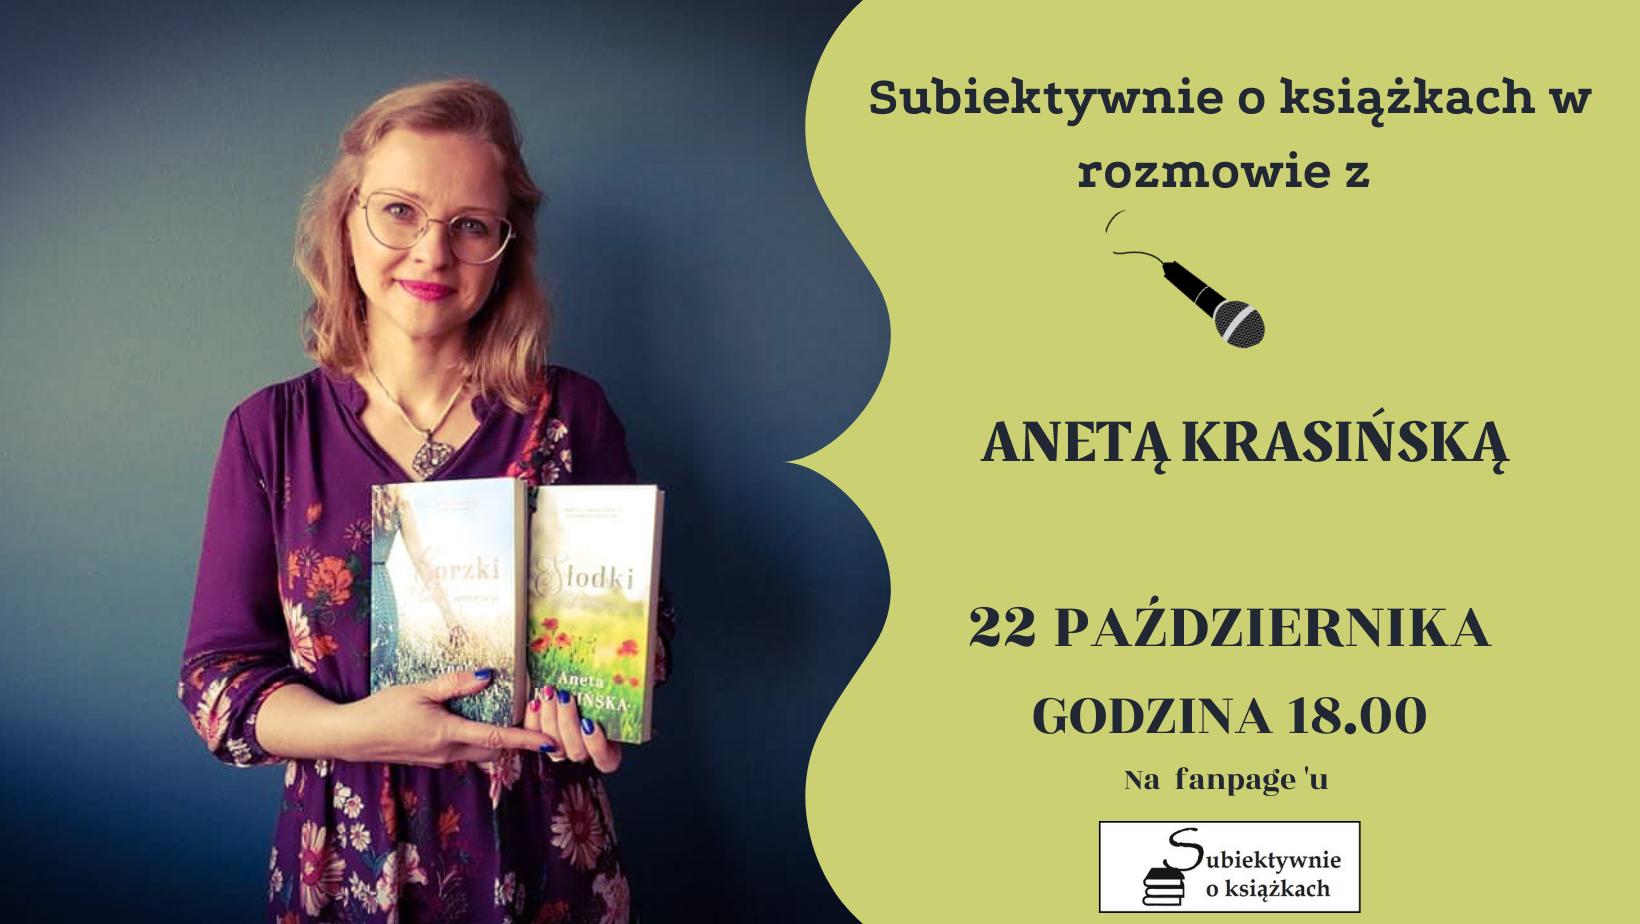 Zapraszam na spotkanie autorskie online z Anetą Krasińską